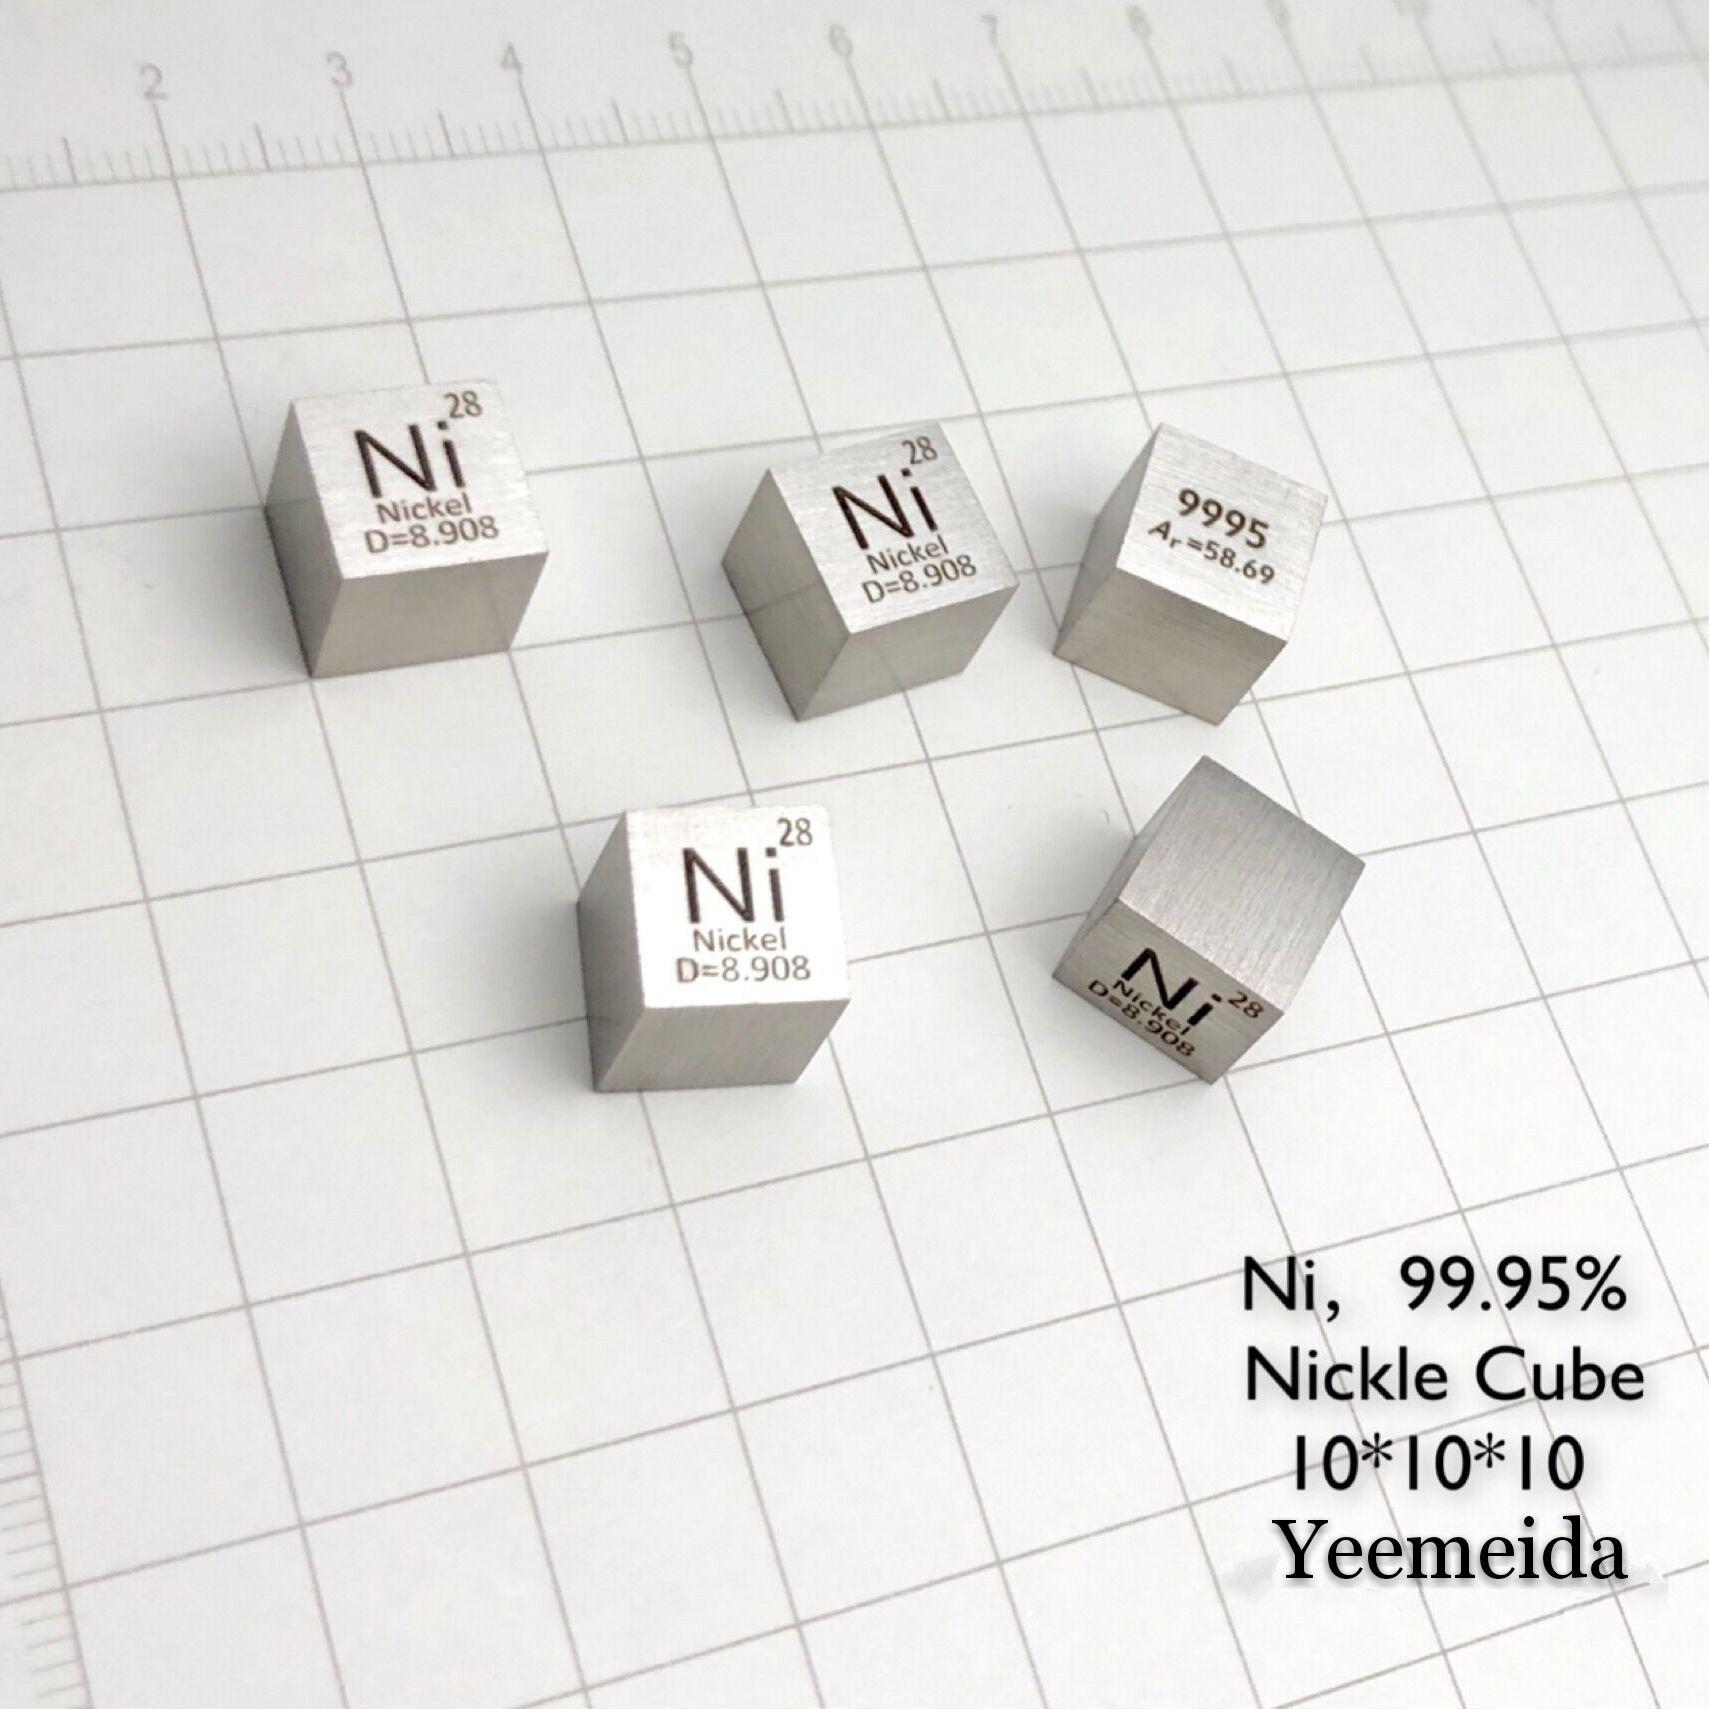 Envío Gratis, 5 uds y 10 Uds., Cubo de 10mm con 99.95% de pureza Ni elemento tallado, con lingote/pellet/Bloque de níquel de 8,95g